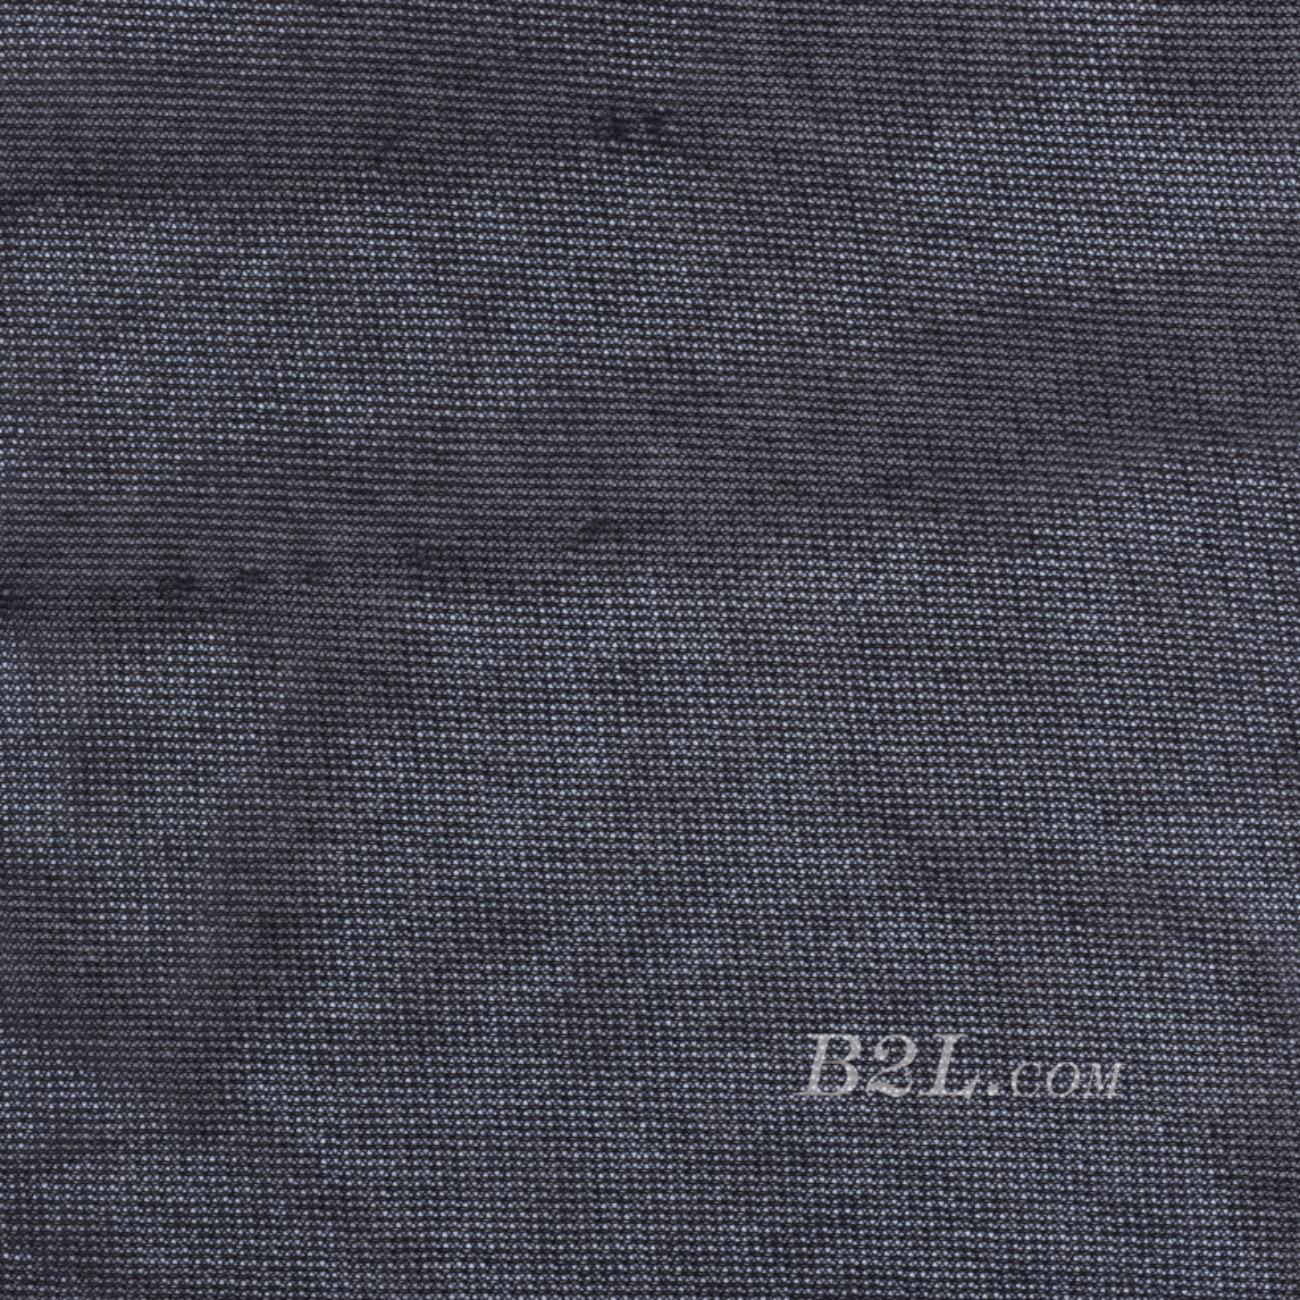 針織染色素色面料-春夏連衣裙面料Z89